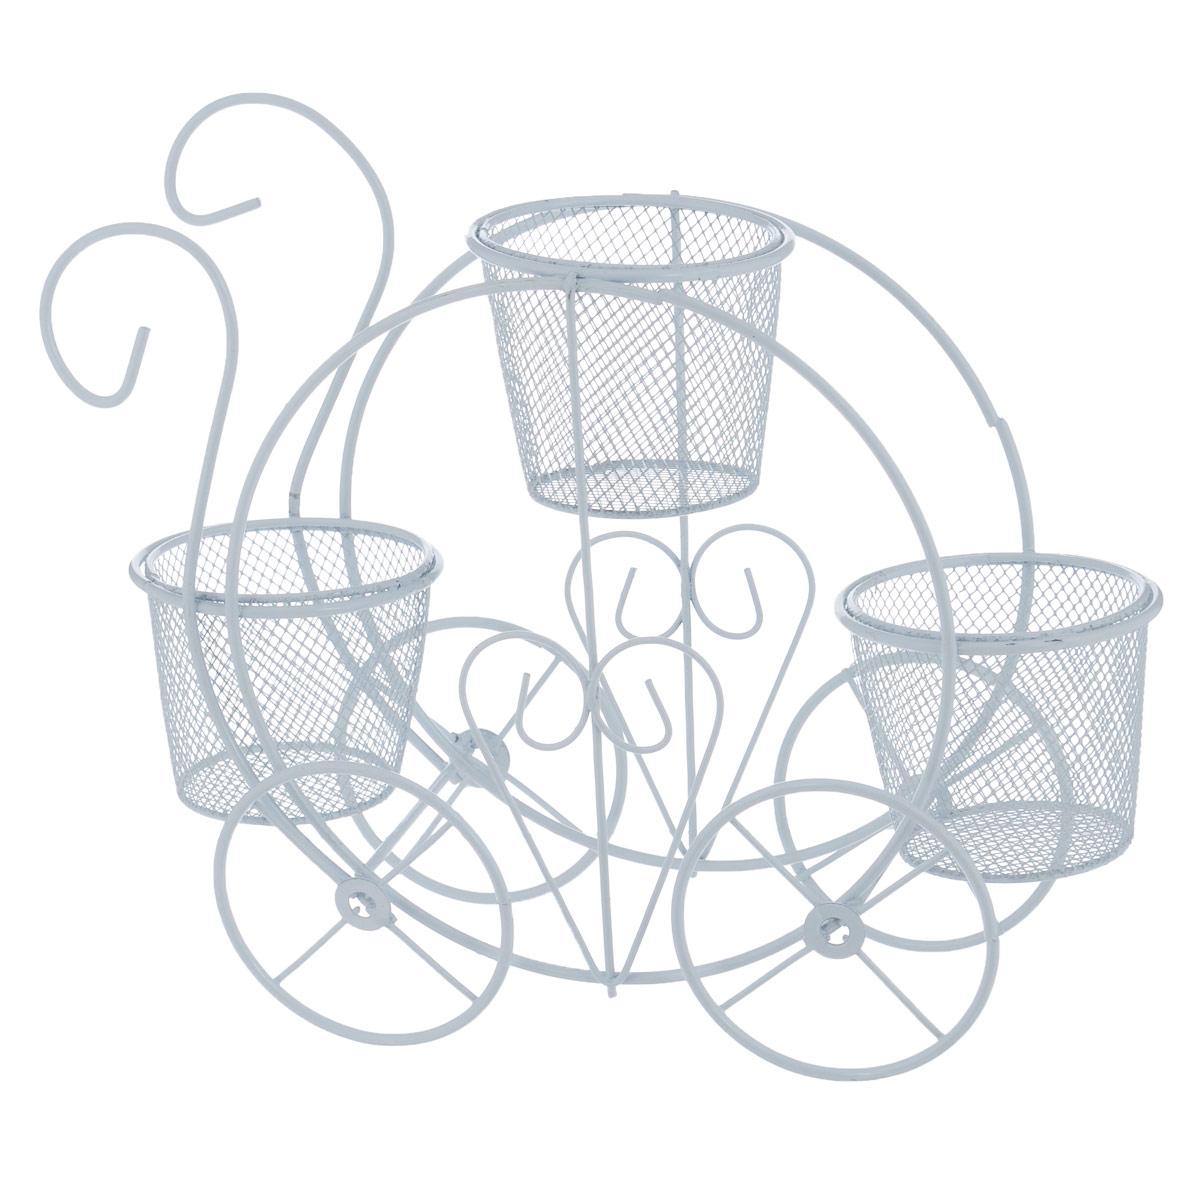 Тележка декоративная ScrapBerrys, с горшочками, цвет: белый, 24 см х 8 см х 19 смSCB271043Декоративная тележка ScrapBerrys выполнена из высококачественного металла. Изделие украшено изящными коваными узорами. Тележка оснащена тремя горшками, в которых можно разместить небольшие горшки с цветами. Такая тележка предназначена для скрапбукинга (для флористики), также она подойдет для декора интерьера дома или офиса. Кроме того - это отличный вариант подарка для ваших близких и друзей.Размер тележки: 24 см х 8 см х 19 см. Размер горшка: 6 см х 6 см х 5,5 см.